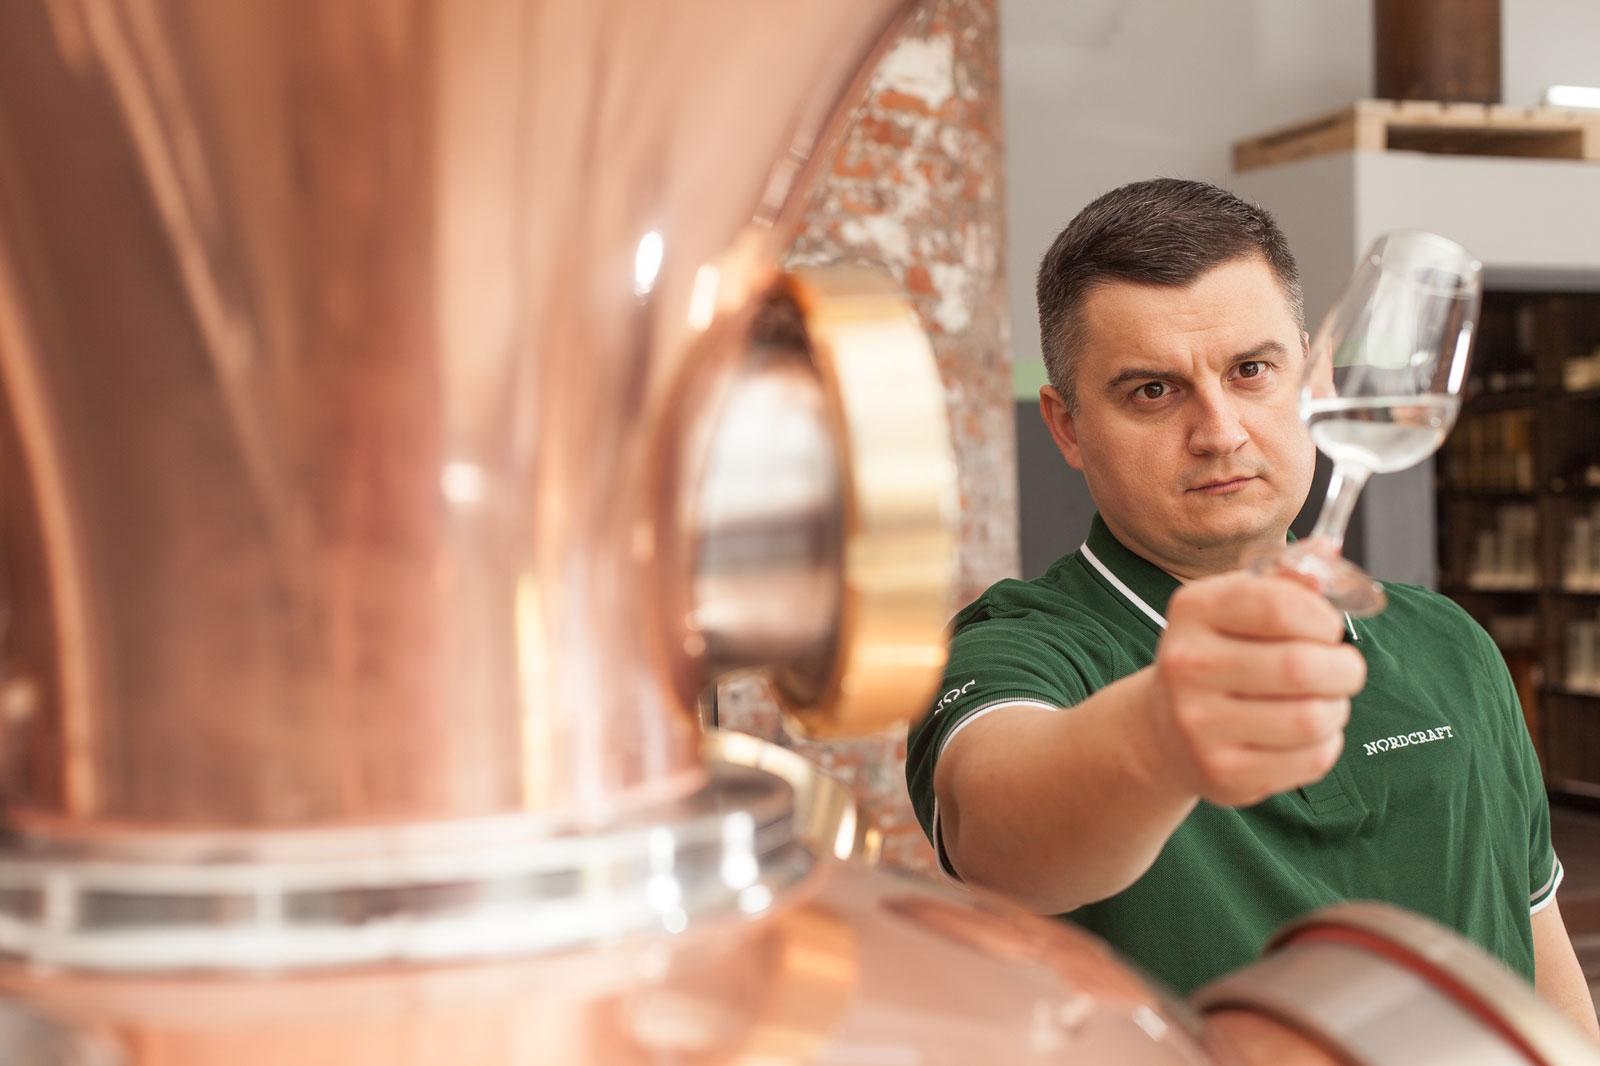 Der Kreative - Mario Gallone, der versierte Destillateur, hat für das legendäre Importunternehmen Charles Hosie bereits preisgekrönte Rum-Qualitäten entwickelt. Er verfügt über eine empfindliche Nase, ist ein ausgewiesener Experte in Sachen Rohstoffe und kennt alle Steps der Entwicklung von Spirituosen sowie diverser Produktionstechniken. Last but not least besitzt er eine immense Portion Kreativität. Als Mastermind und Destillateur von NORDCRAFT verleiht er all unseren Produkten seine ganz eigene Handschrift: Seine Kompositionen zeichnen sich durch authentisches Destillateurshandwerk sowie Gespür für Premium-Qualität und aktuelle Trends aus.